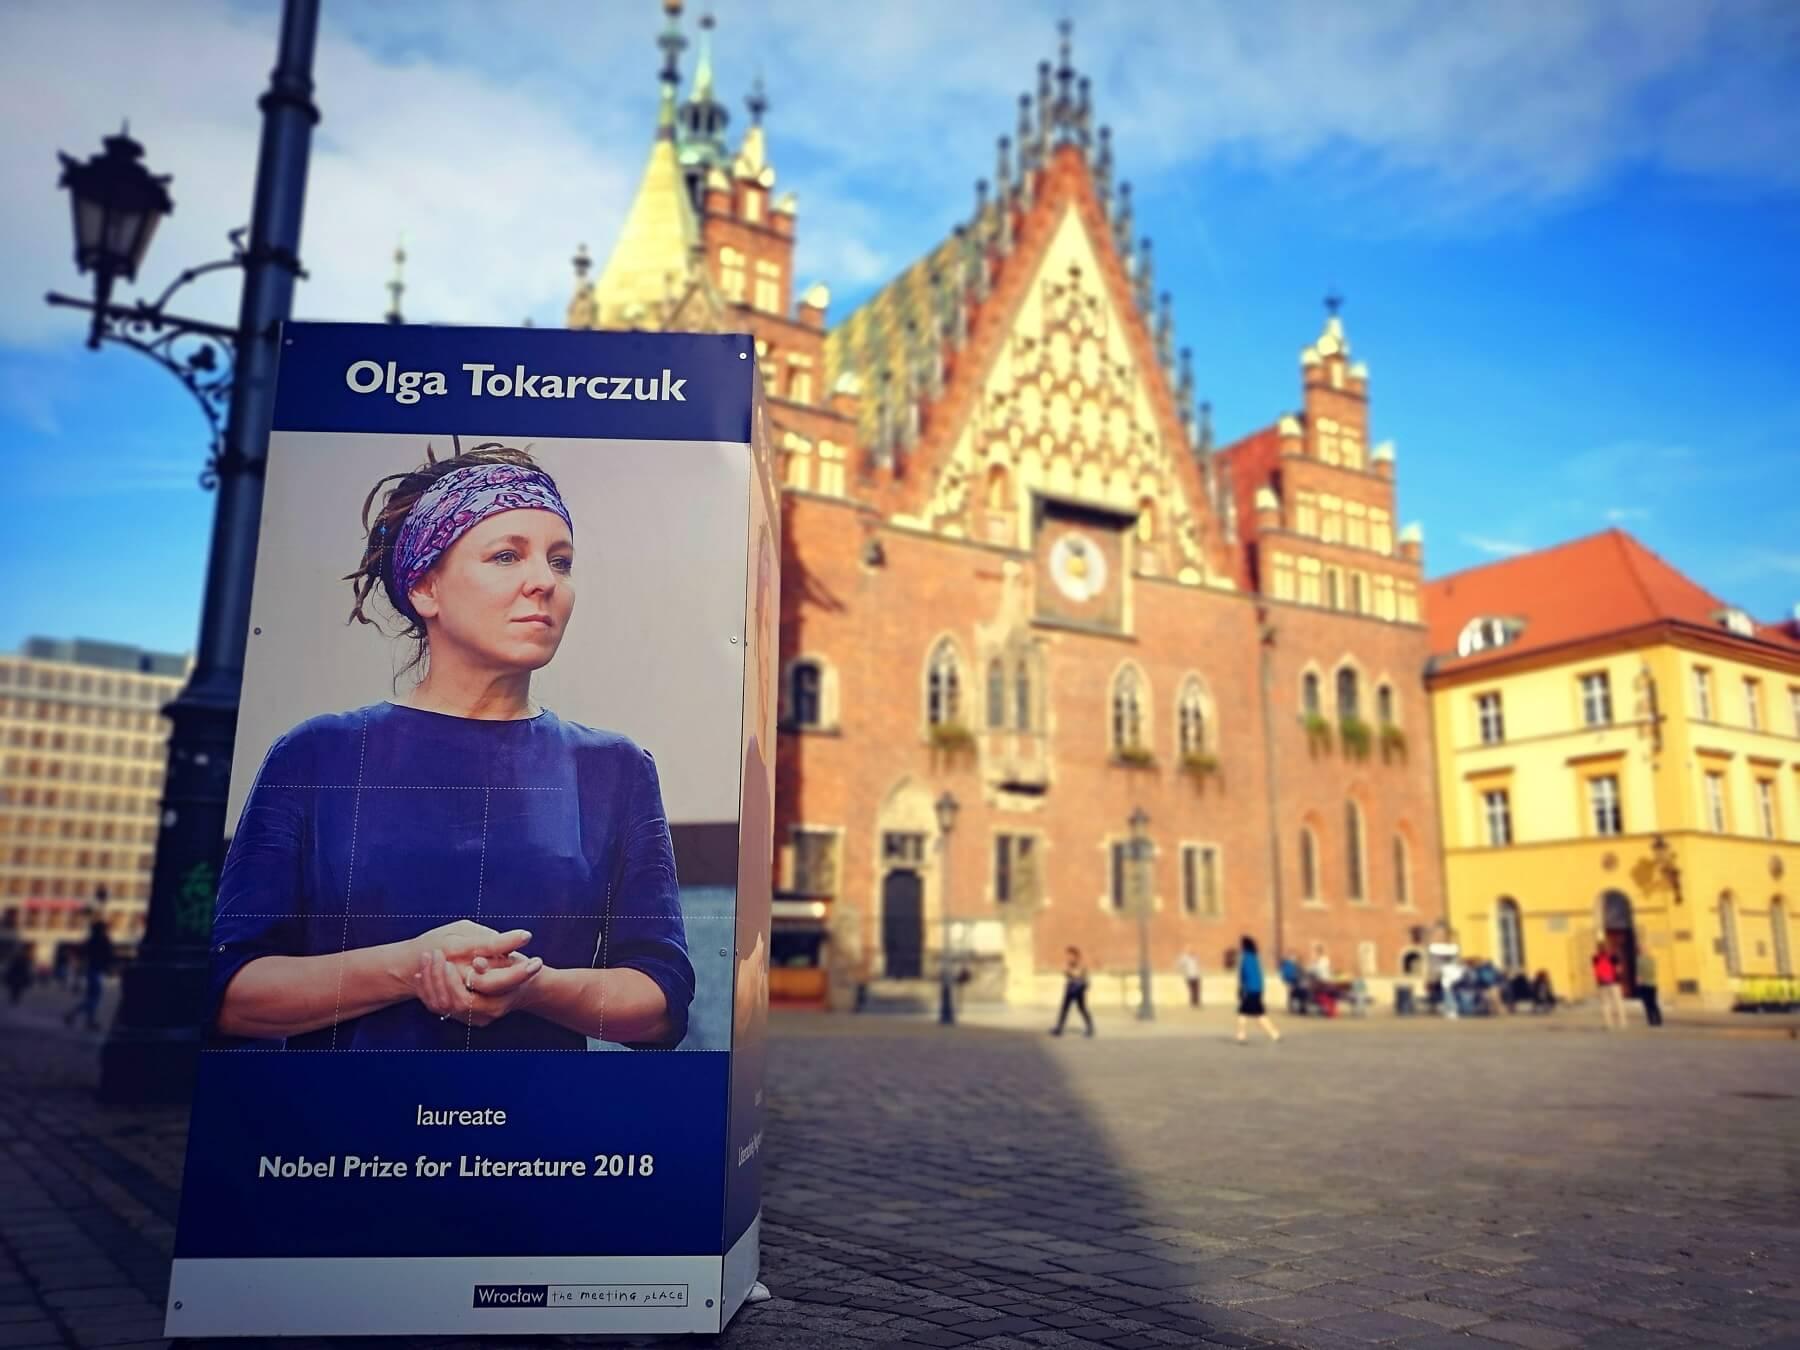 Wrocław sightseeing